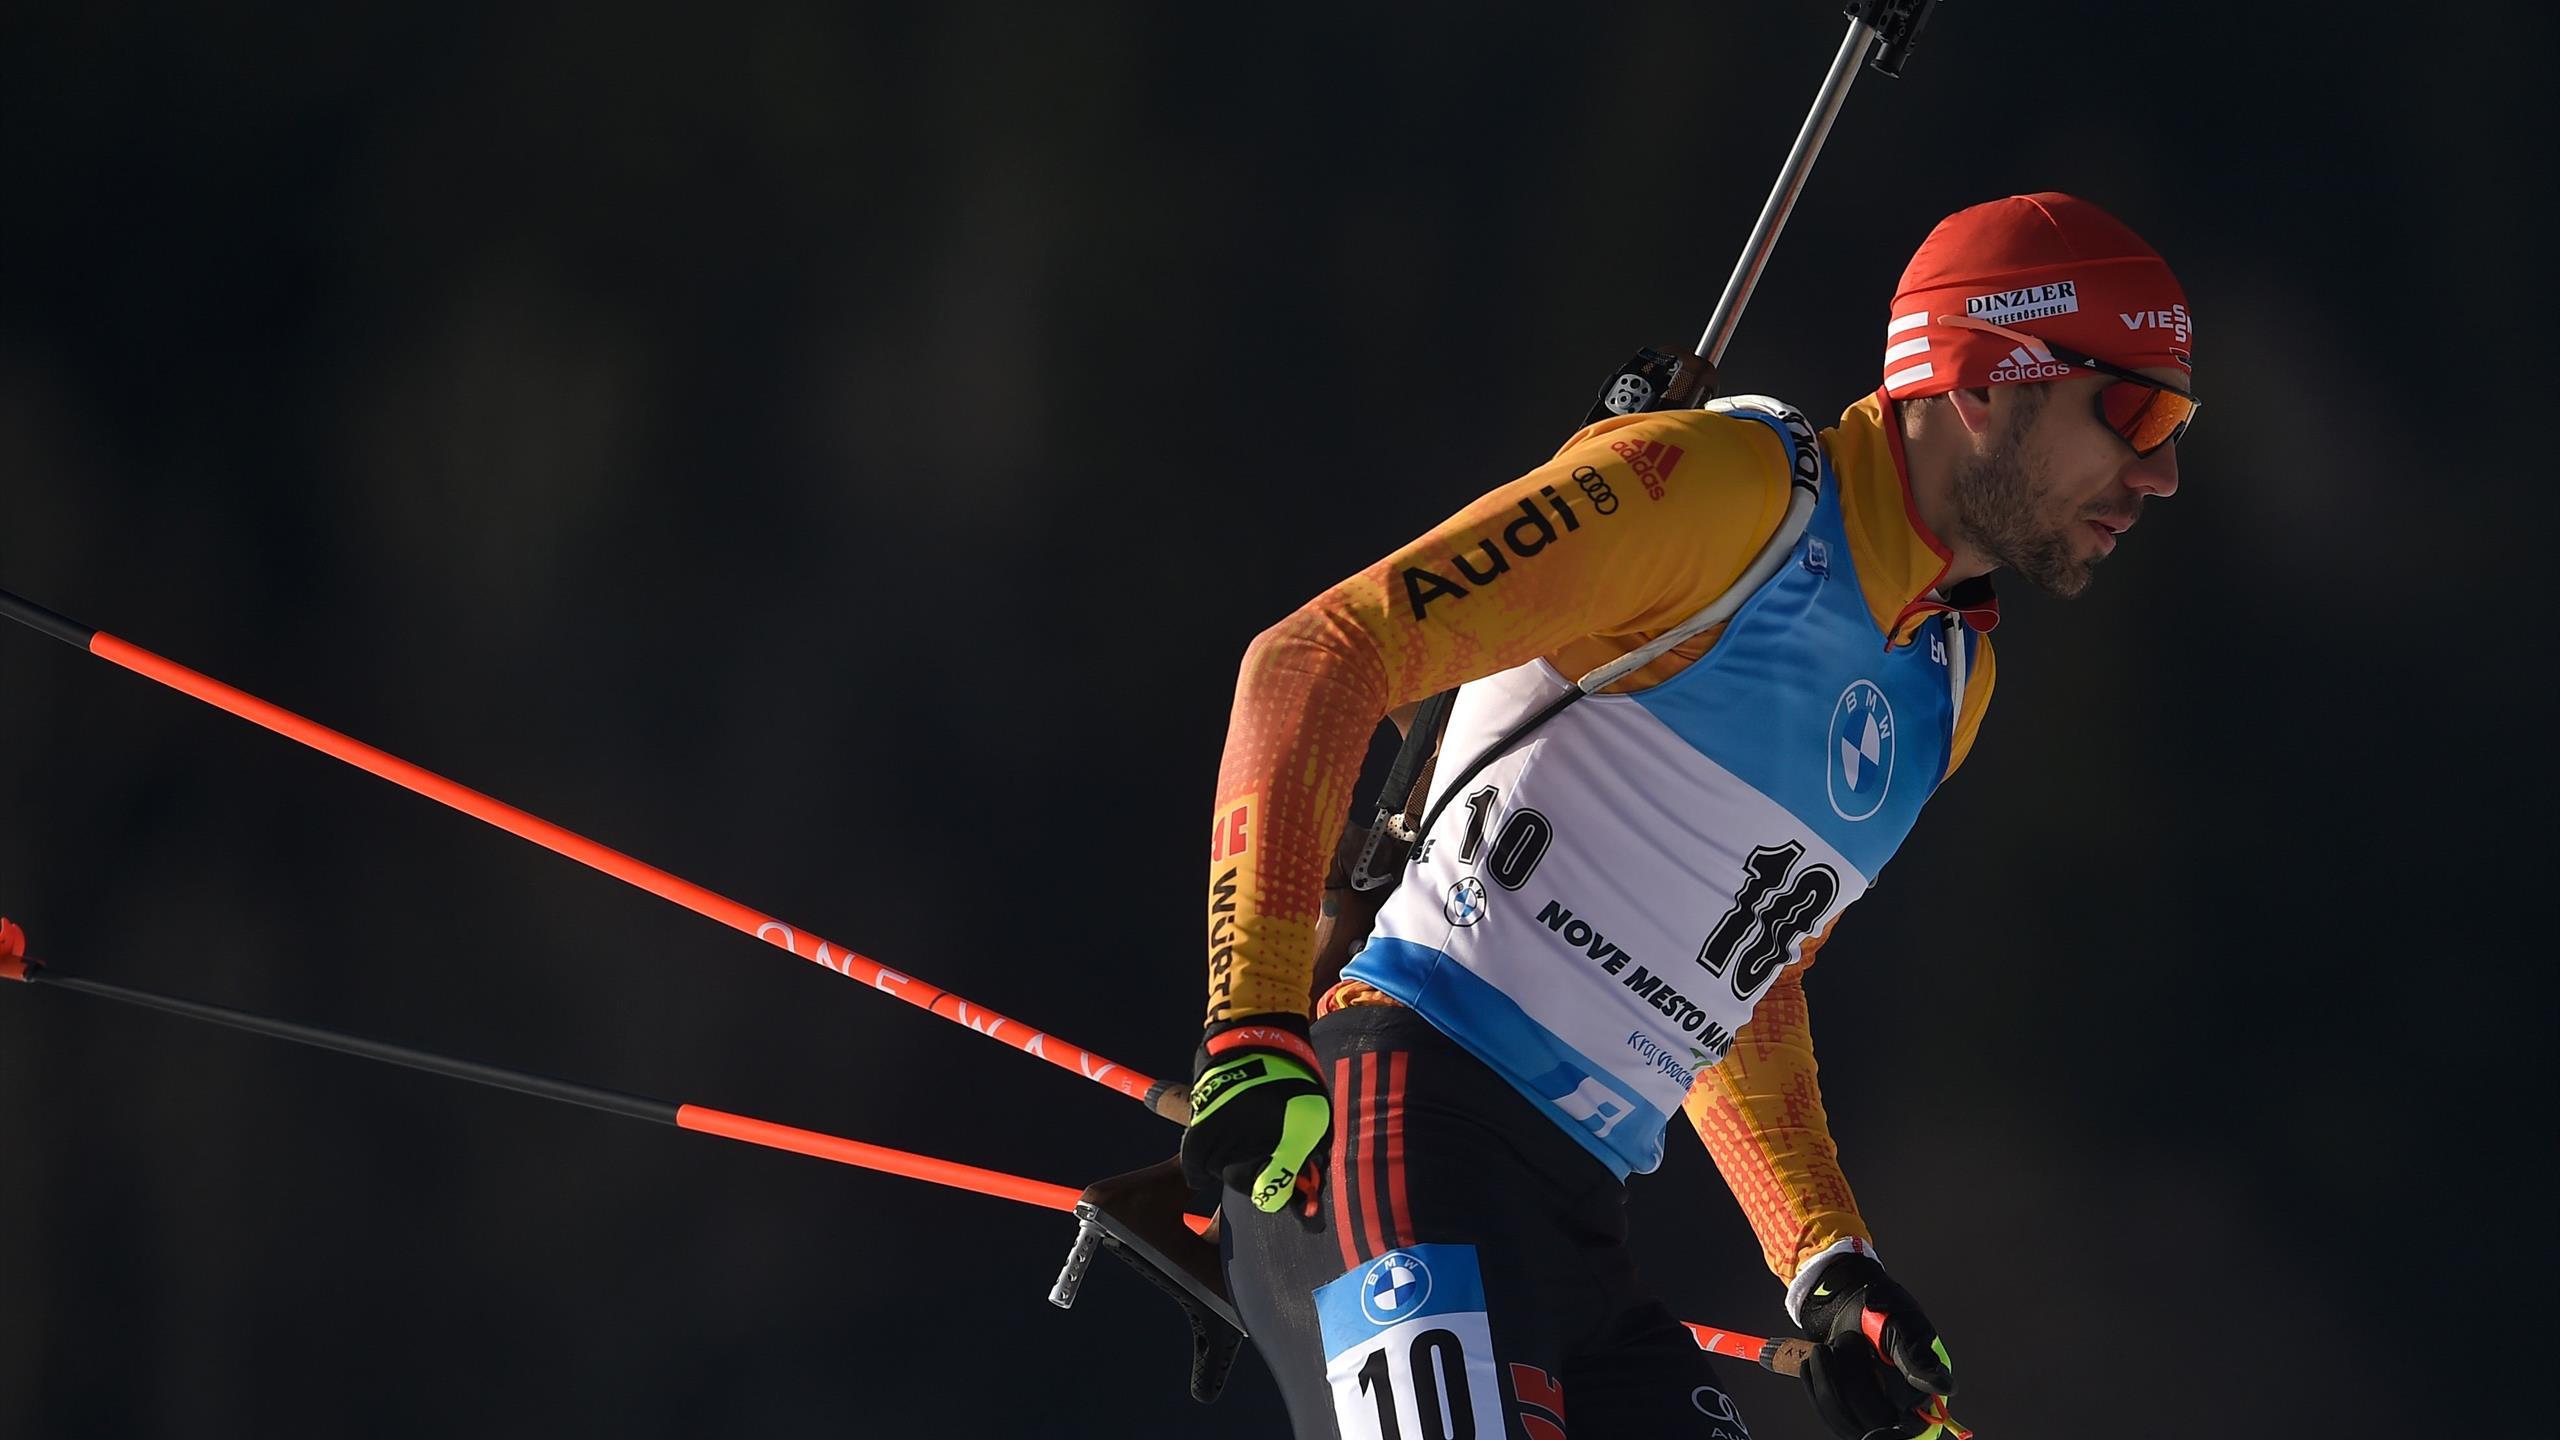 Nove Mesto: Arnd Peiffer glänzt bei erstem Weltcupsieg von Desthieux - Drama um Johannes Kühn - Eurosport DE